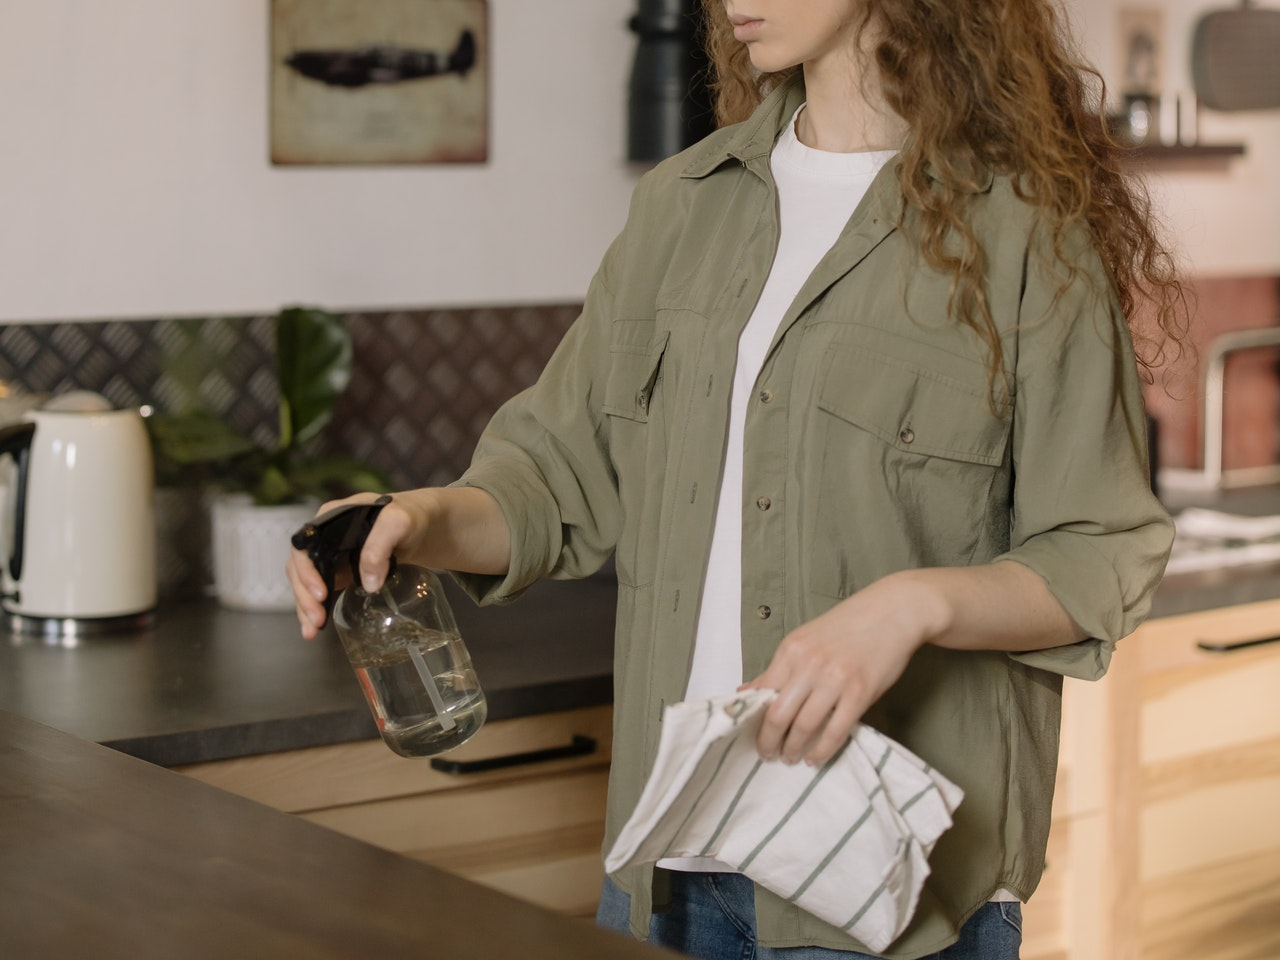 賃貸マンションも換気扇クリーニングが必要 相場を知って上手に業者を 選ぶ